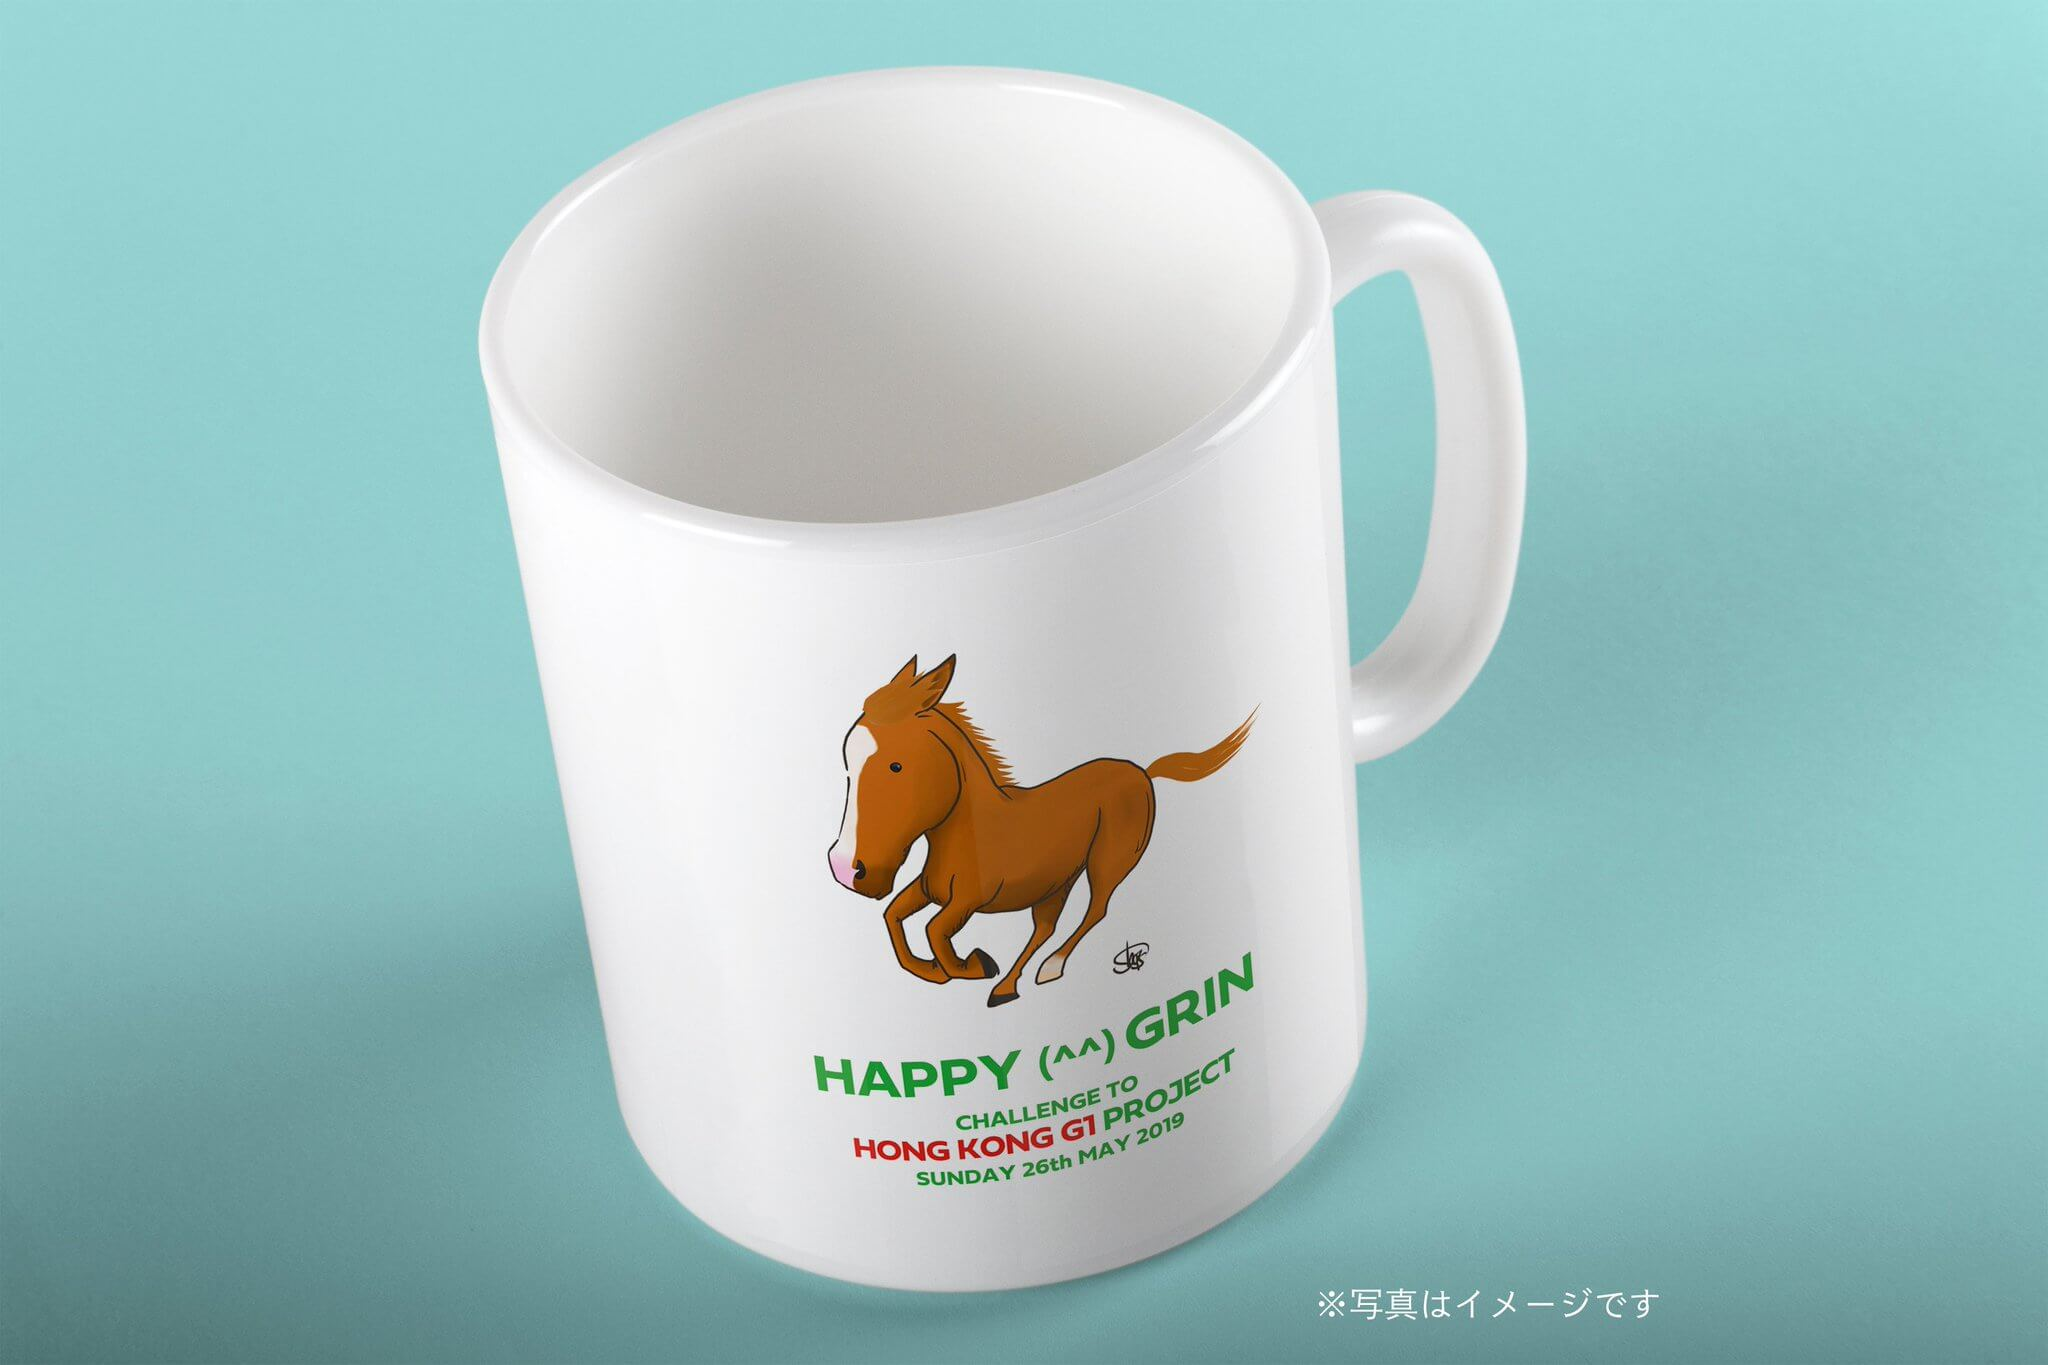 ハッピーグリンマグカップ